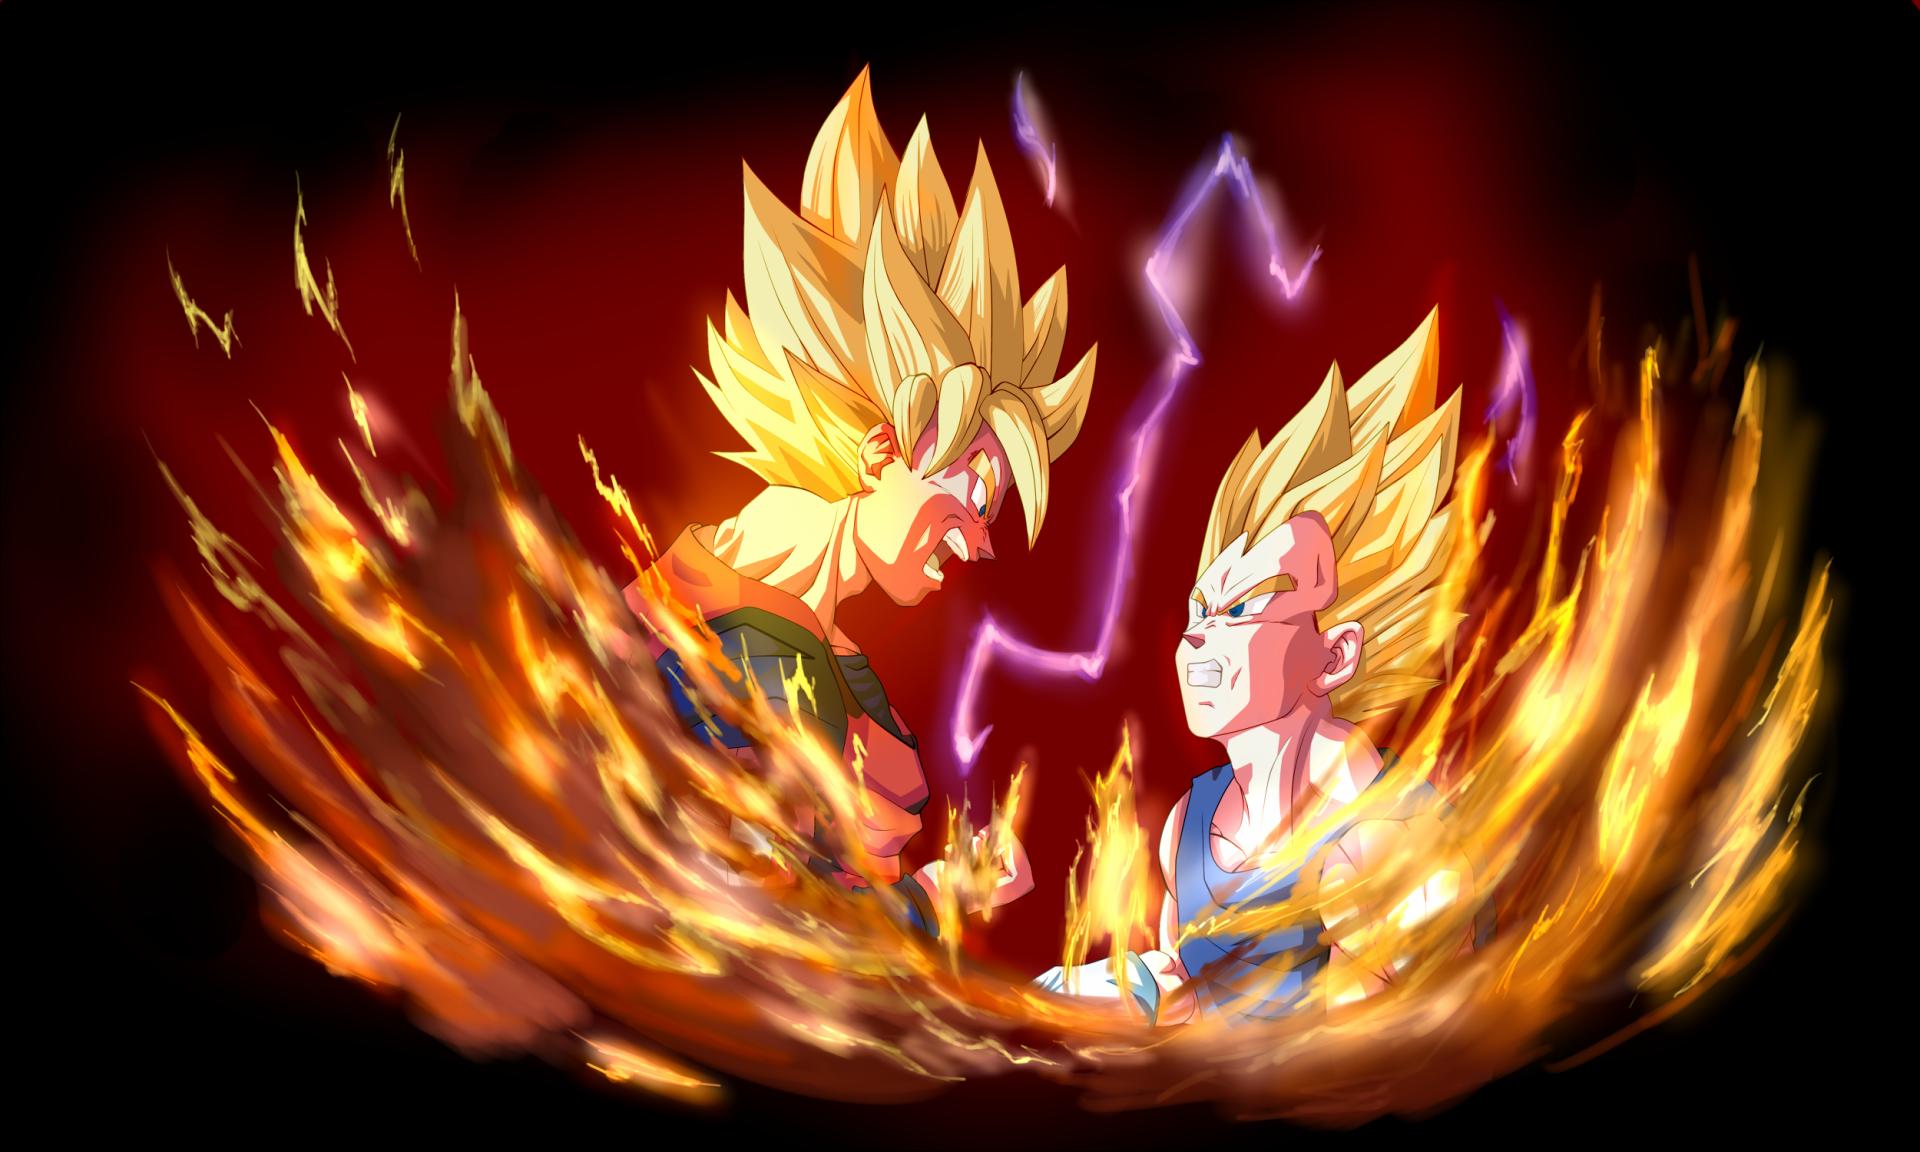 Black Goku Fondo De Pantalla And Fondo De Escritorio: Anime Dragon Ball Z Vegeta (Dragon Ball) Goku Fondo De